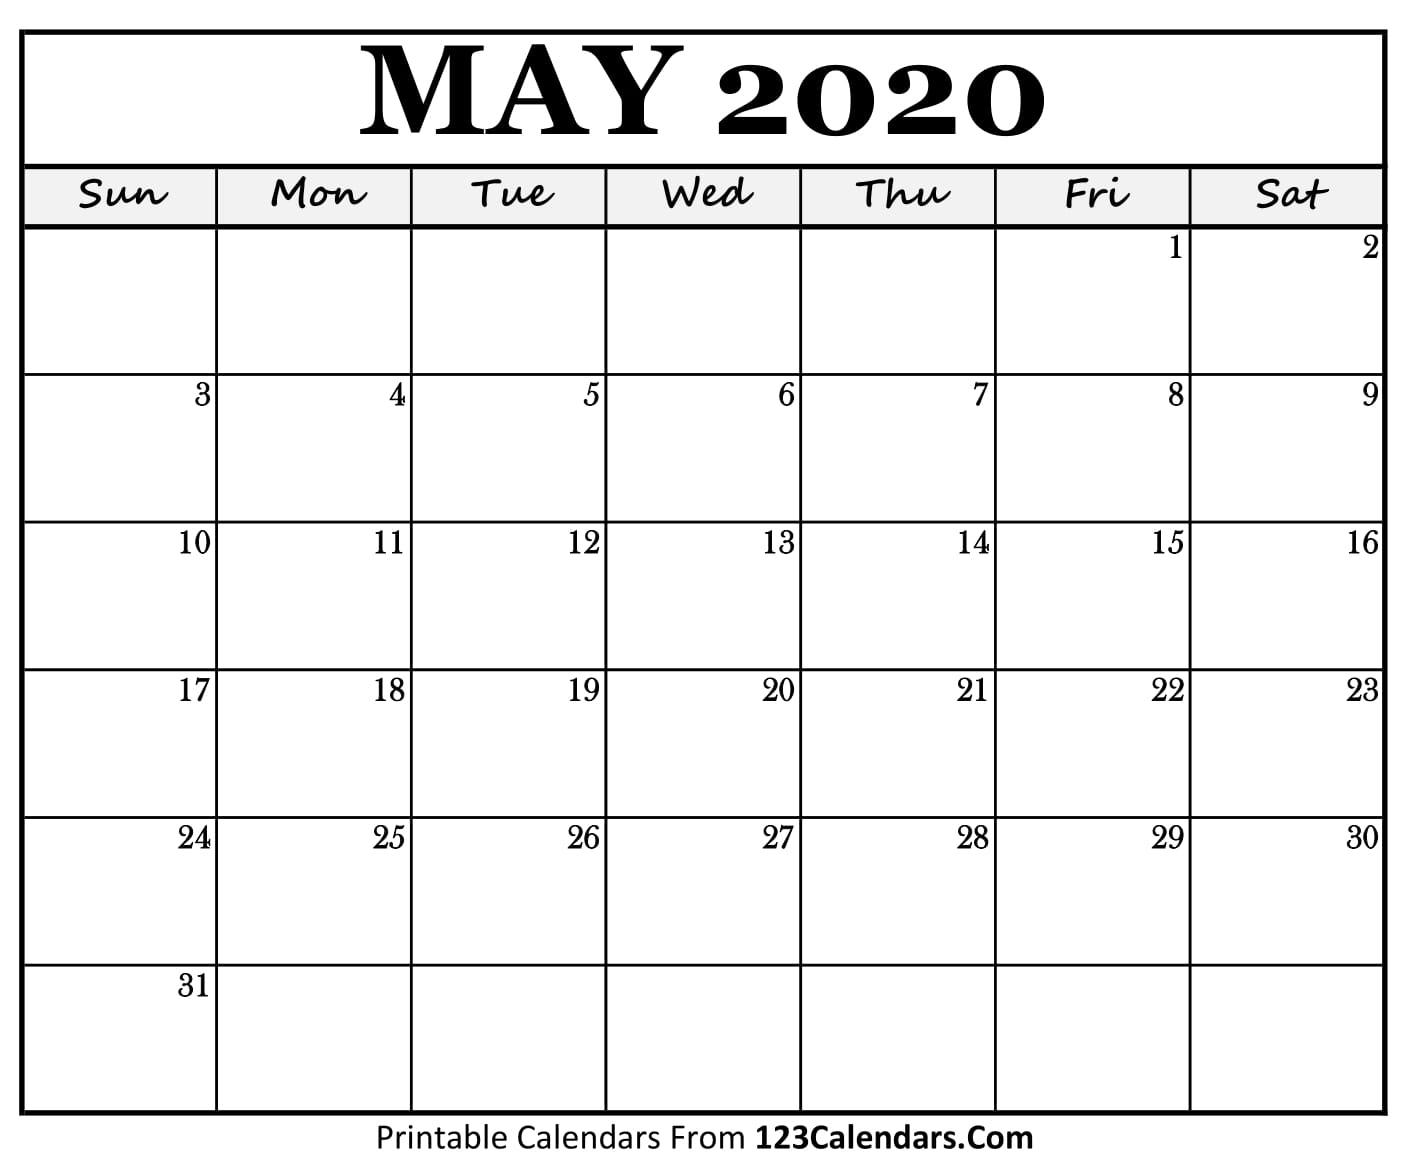 May Printable Calendar 2020.May 2020 Printable Calendar 123calendars Com